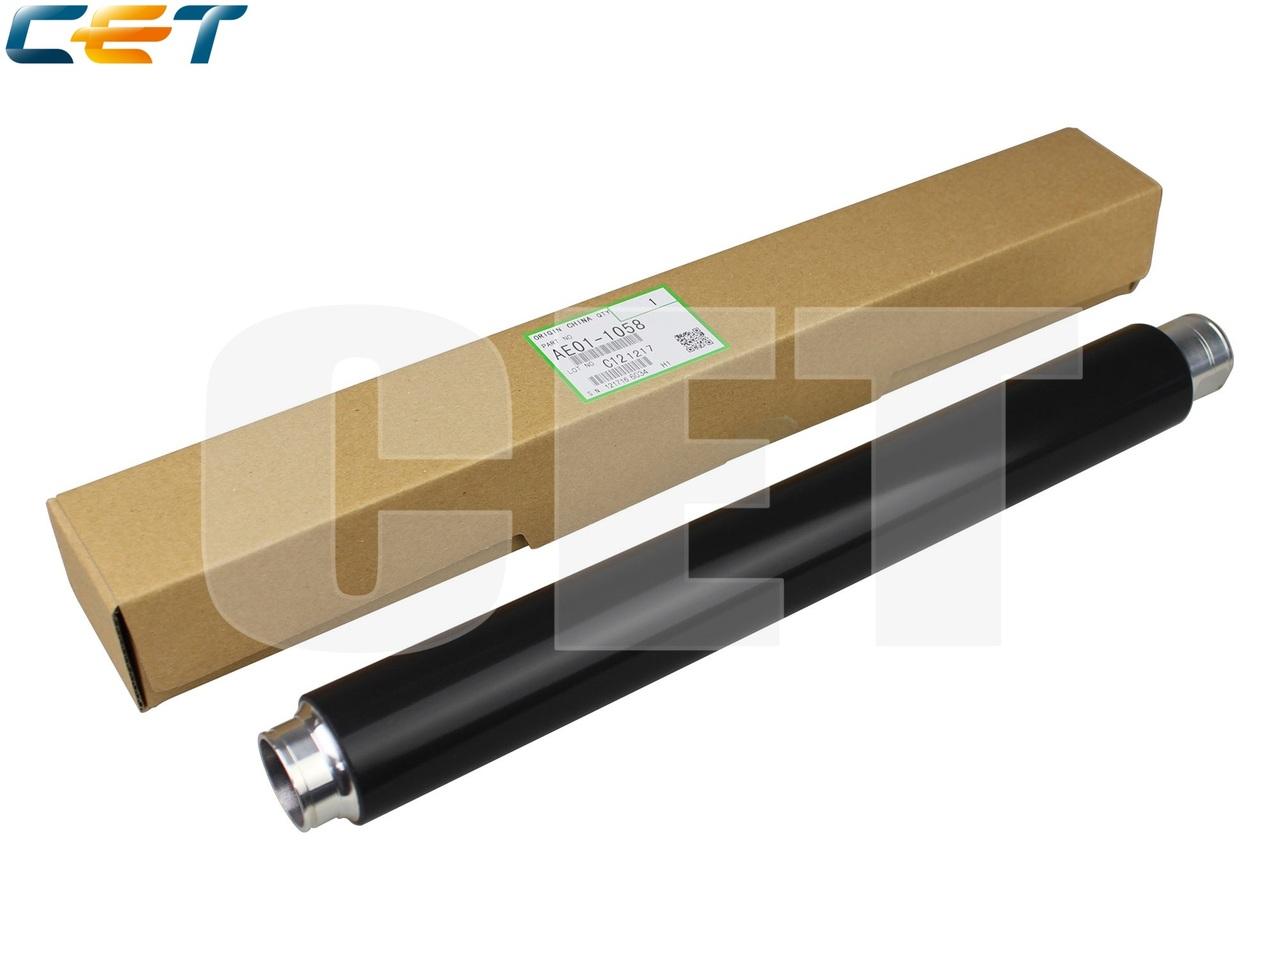 Тефлоновый вал (Long Life) AE01-1058 для RICOH Aficio1022/1027 (CET), CET6034